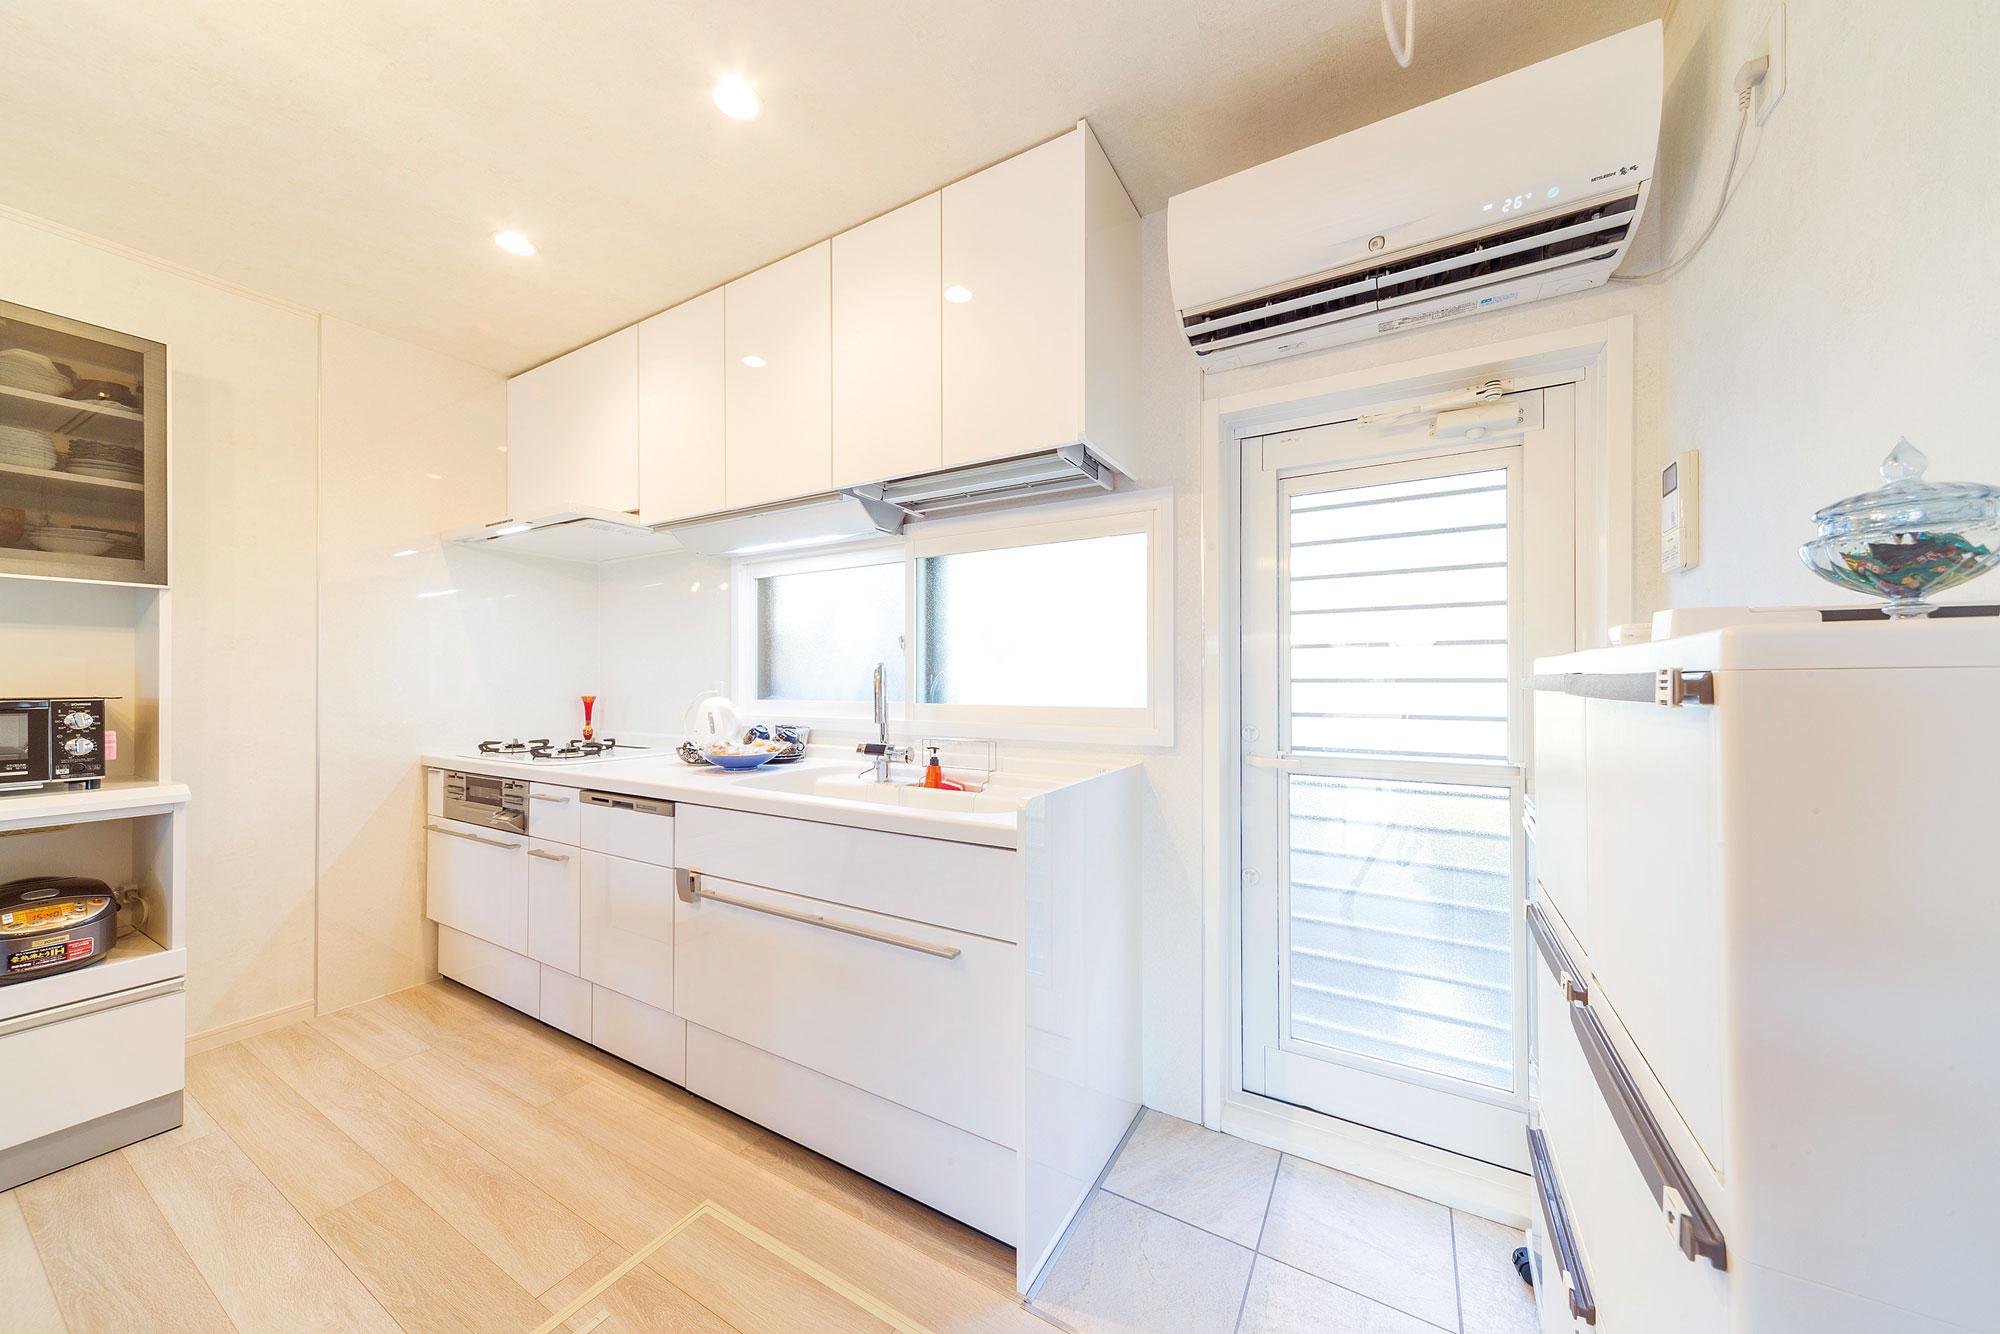 キッチンをL型からI型にしたことによりデッドスペースが減り、家事も楽に